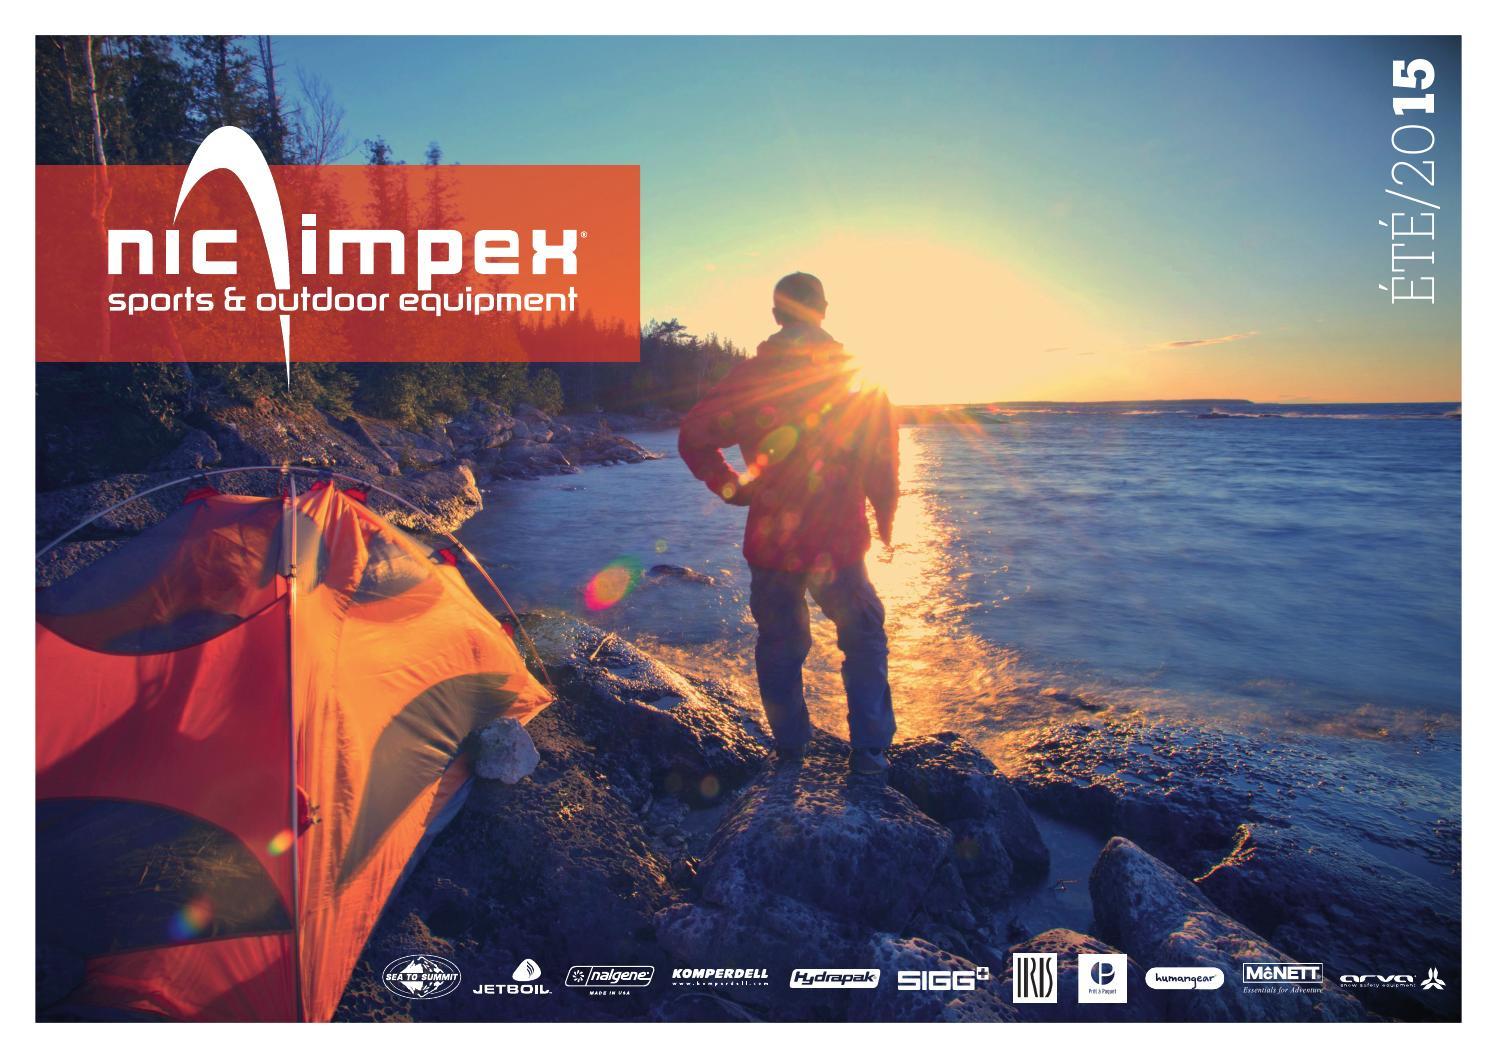 Nordisk Titan Assiette Camping Extérieur Vaisselle Trekking couverts légèrement robuste 66 g